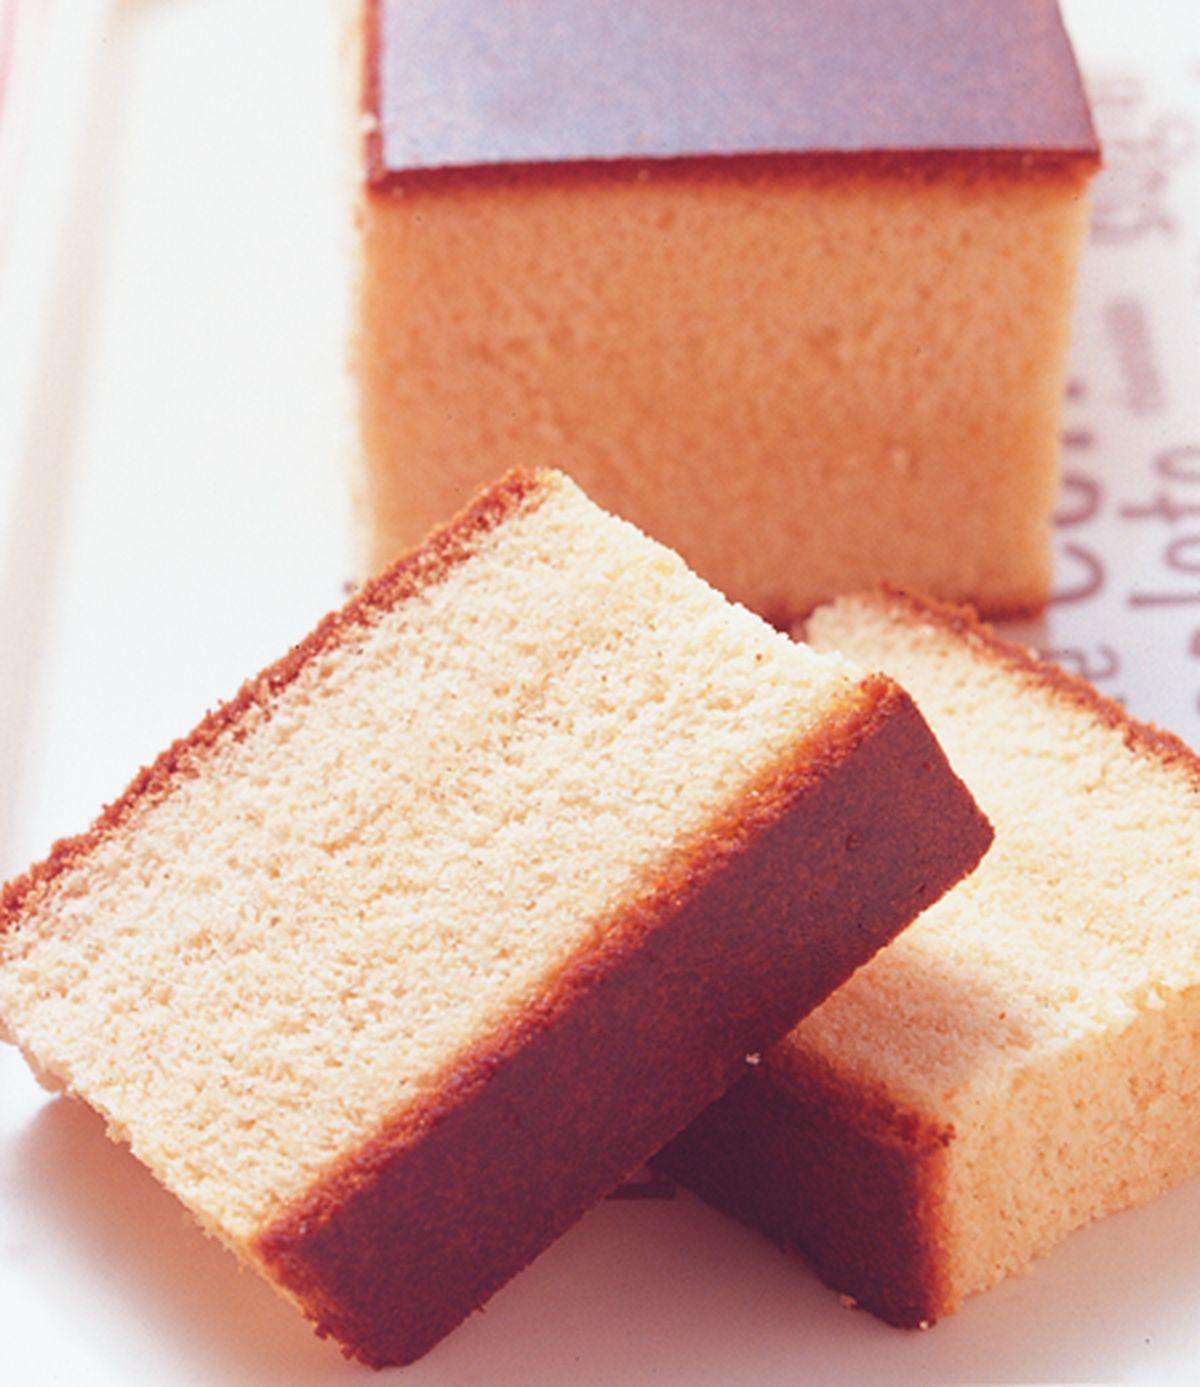 食譜:咖啡蜂蜜蛋糕